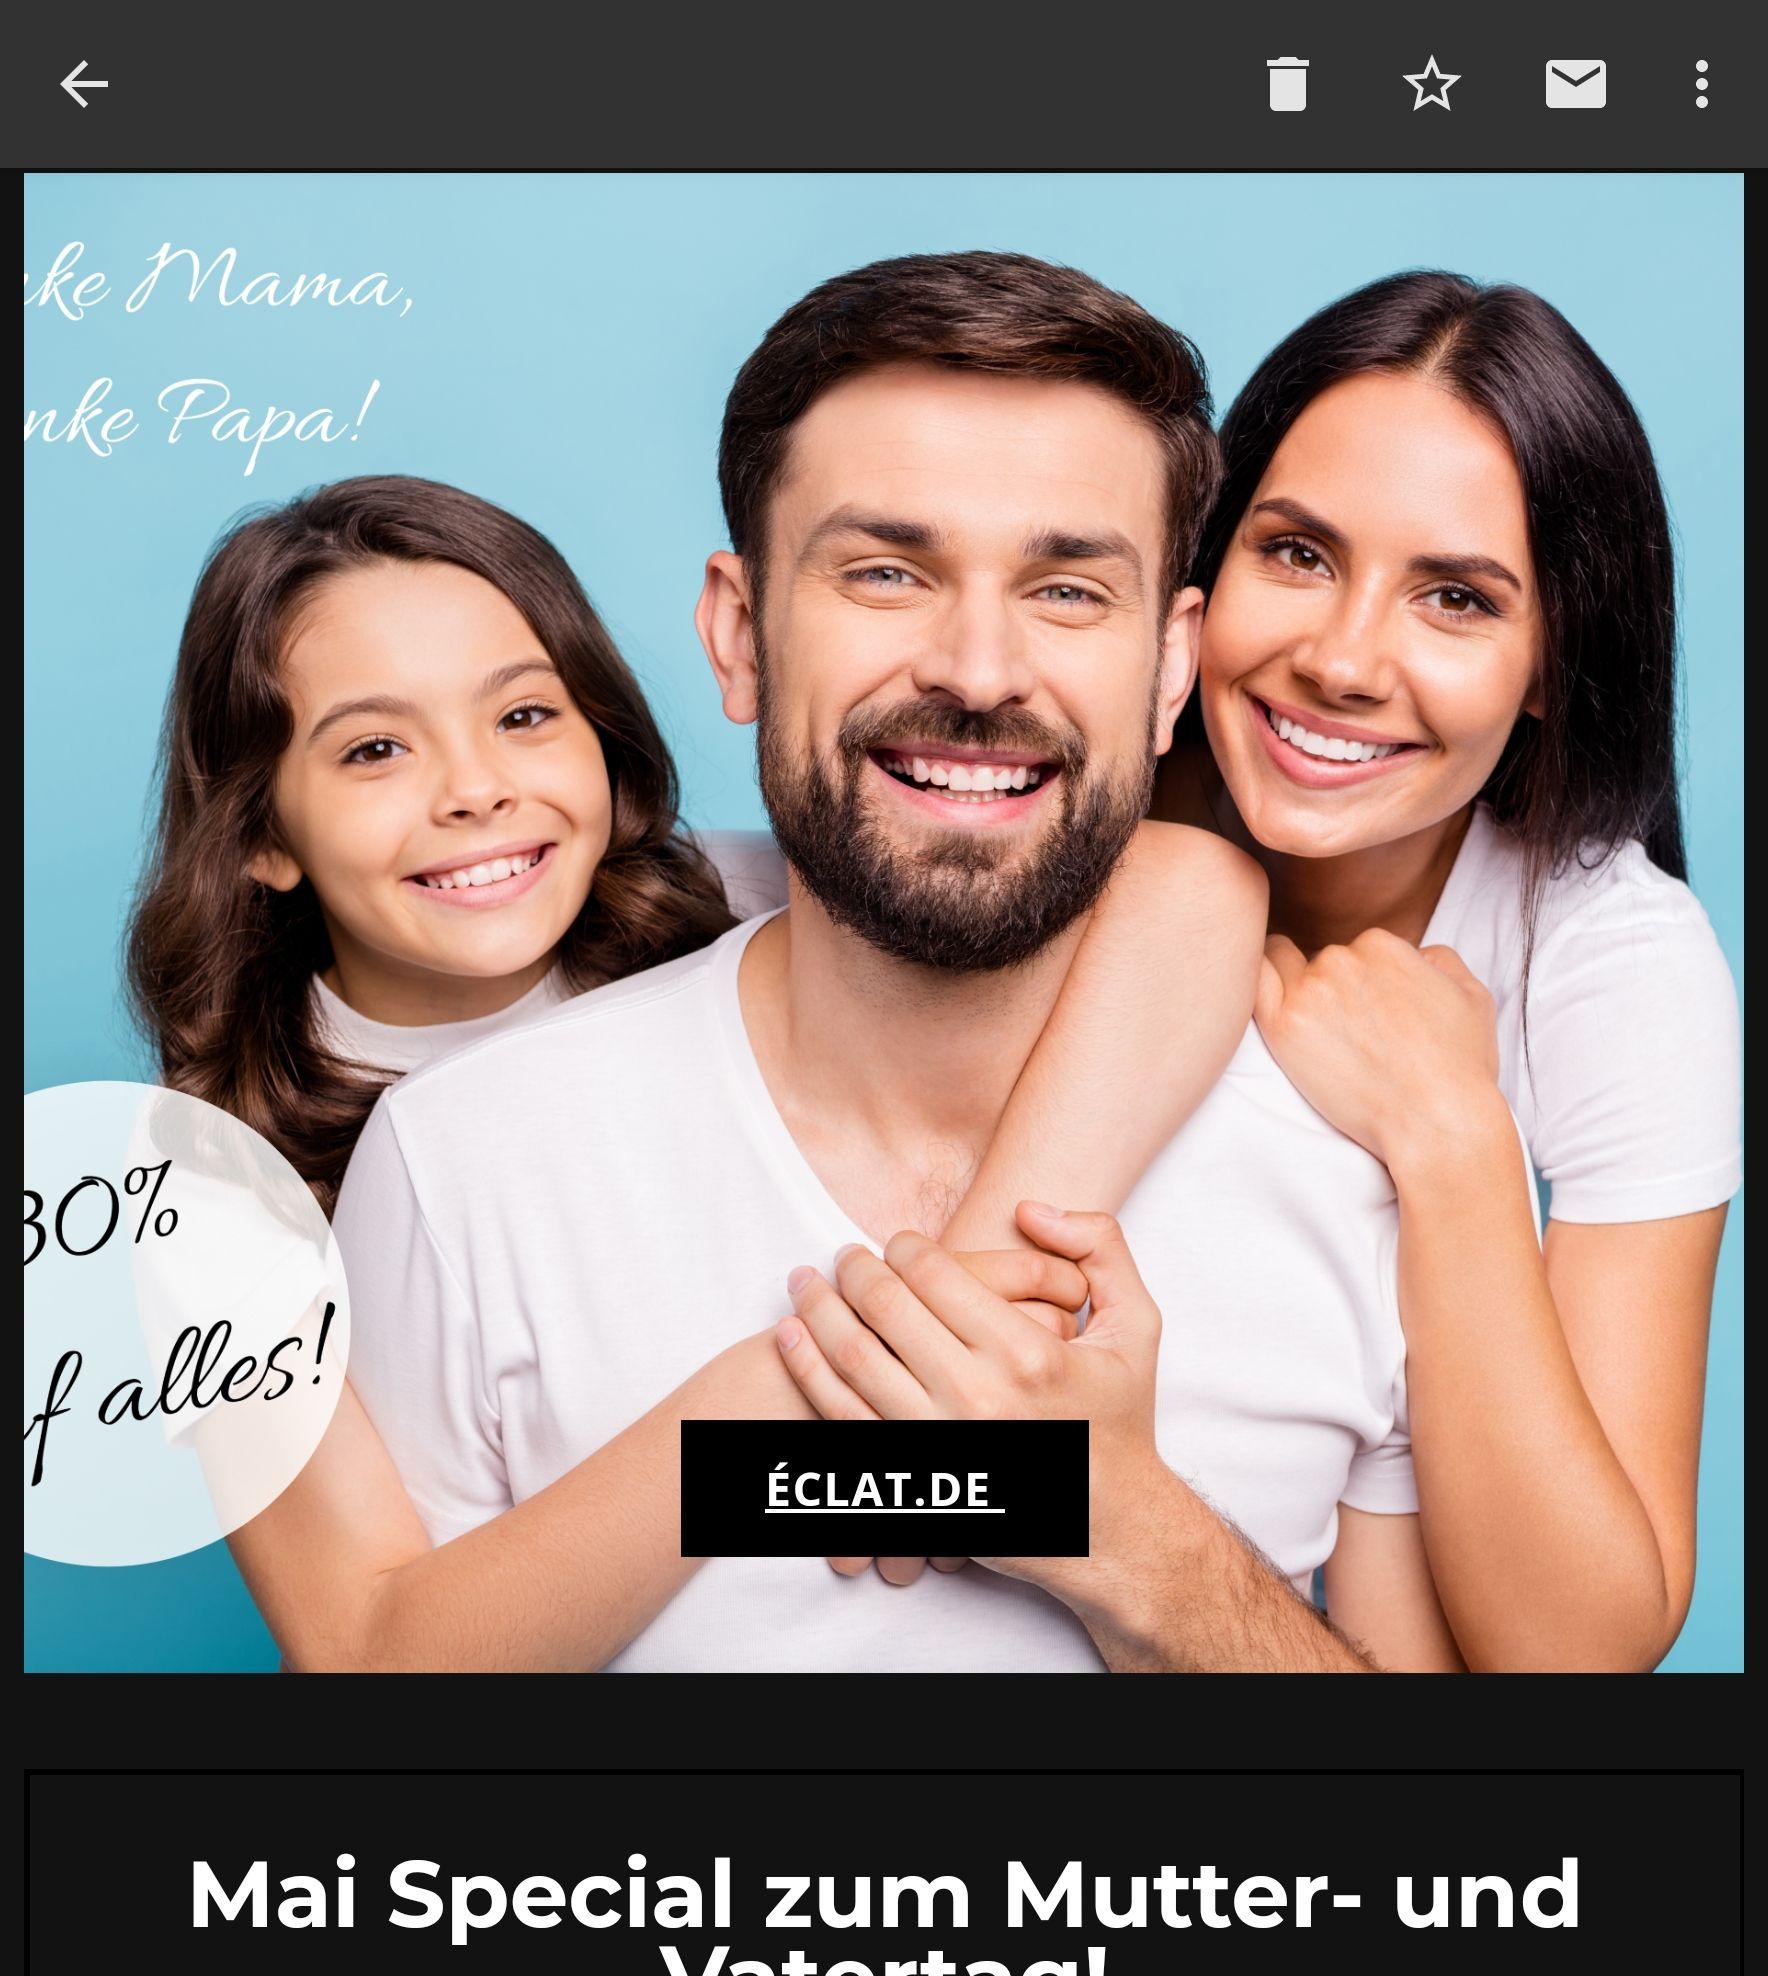 Eclat.de 30% Muttertagsrabatt auf ALLE Düfte (eventuell 50% möglich)